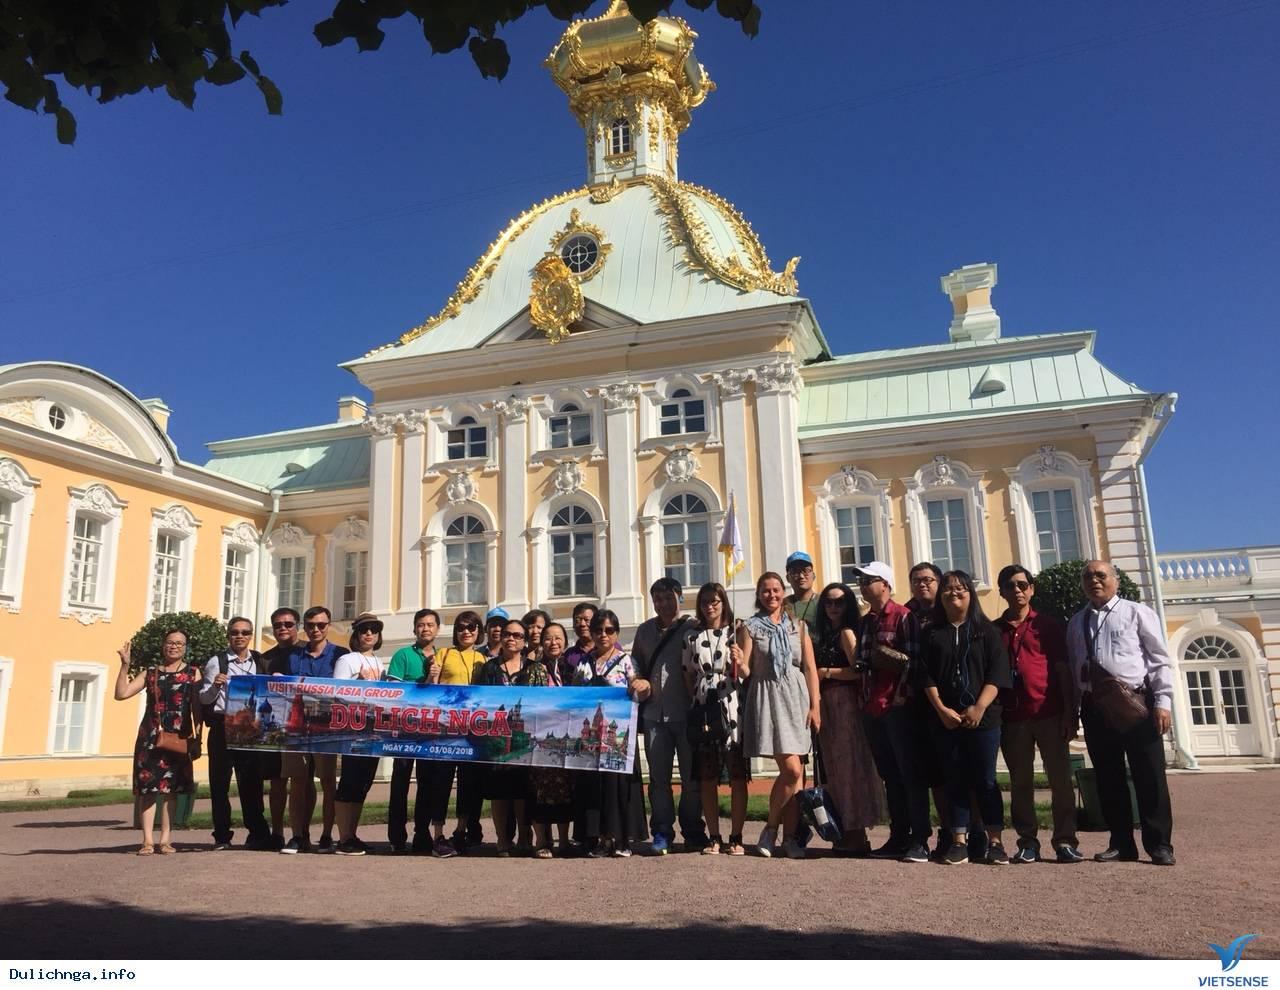 Tour Du Lịch Nga 8 Ngày 7 Đêm Khởi Hành Tháng 9,tour du lich nga 8 ngay 7 dem khoi hanh thang 9